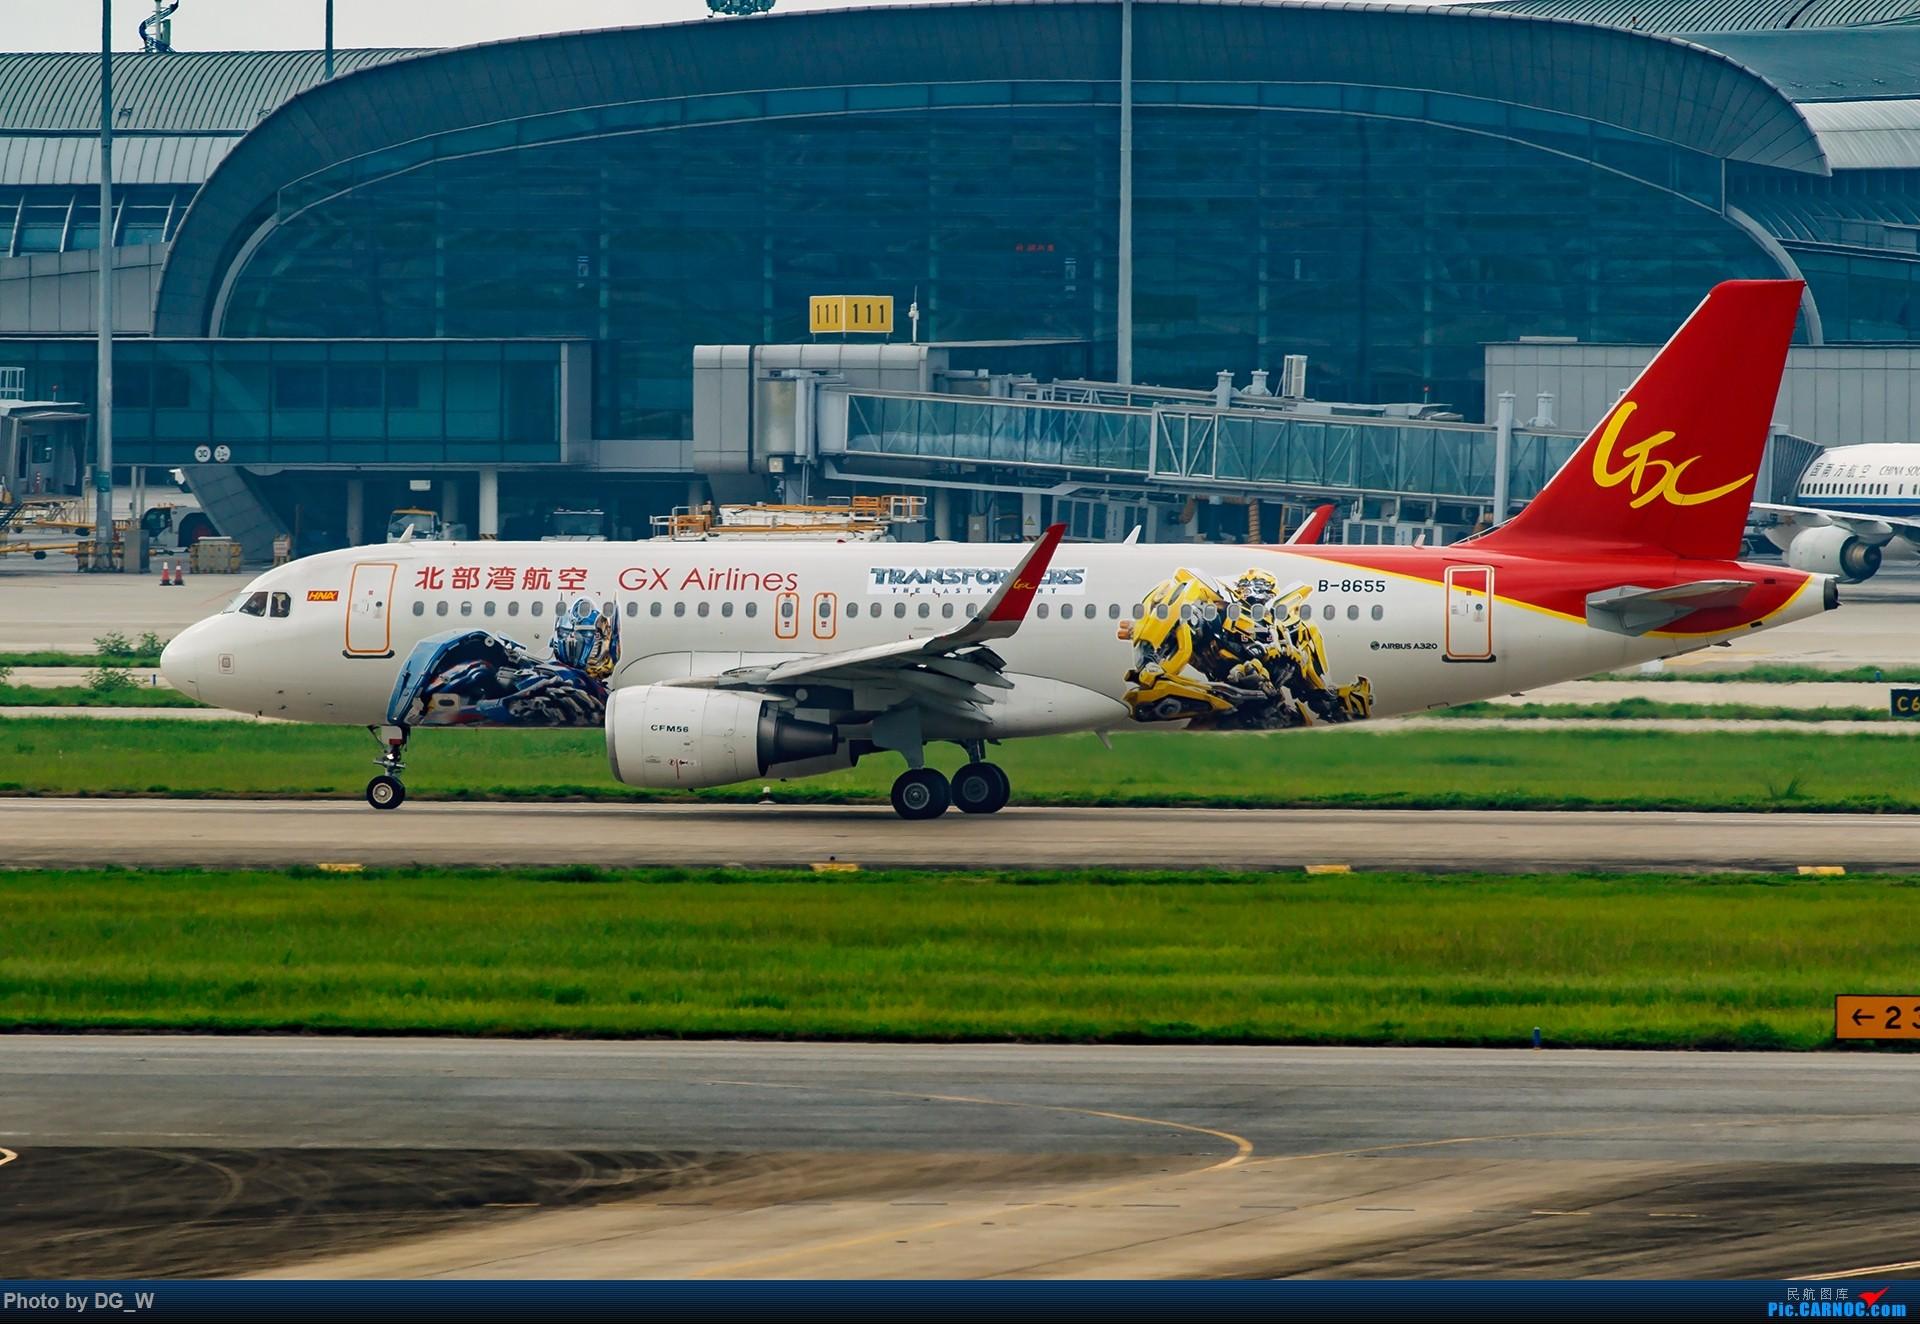 [原创]【南宁飞友】汽车人,起飞——记北部湾航空变形金刚彩绘机首航 AIRBUS A320-200 B-8655 中国南宁吴圩国际机场